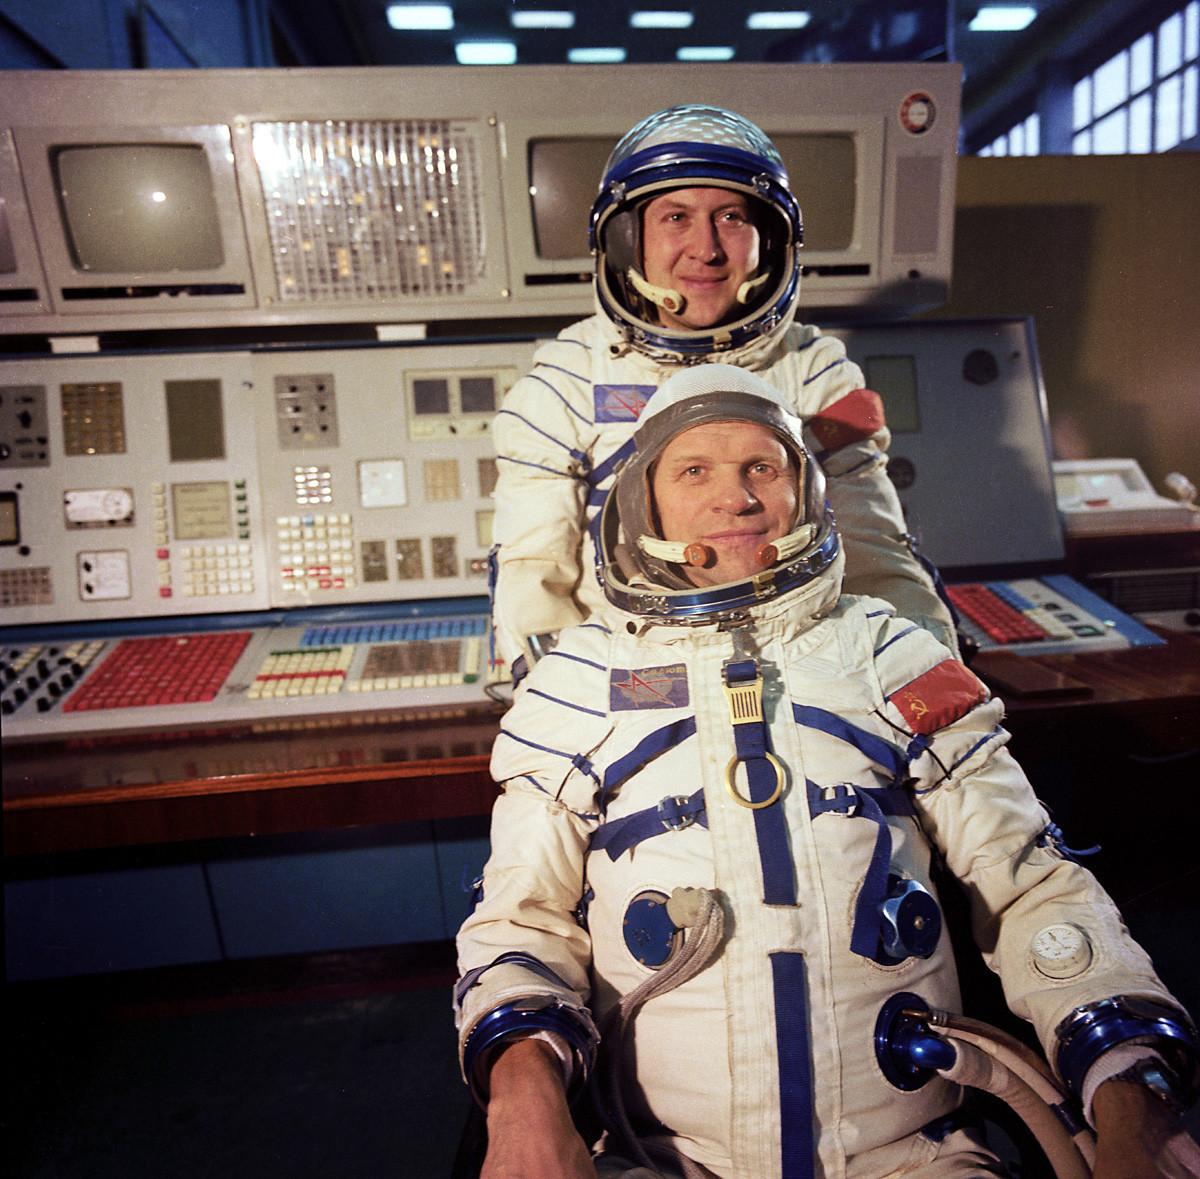 Člana posadke na Sojuz 28: Vladimir Remek (Češkoslovaška) in Aleksej Gubarjev (ZSSR)